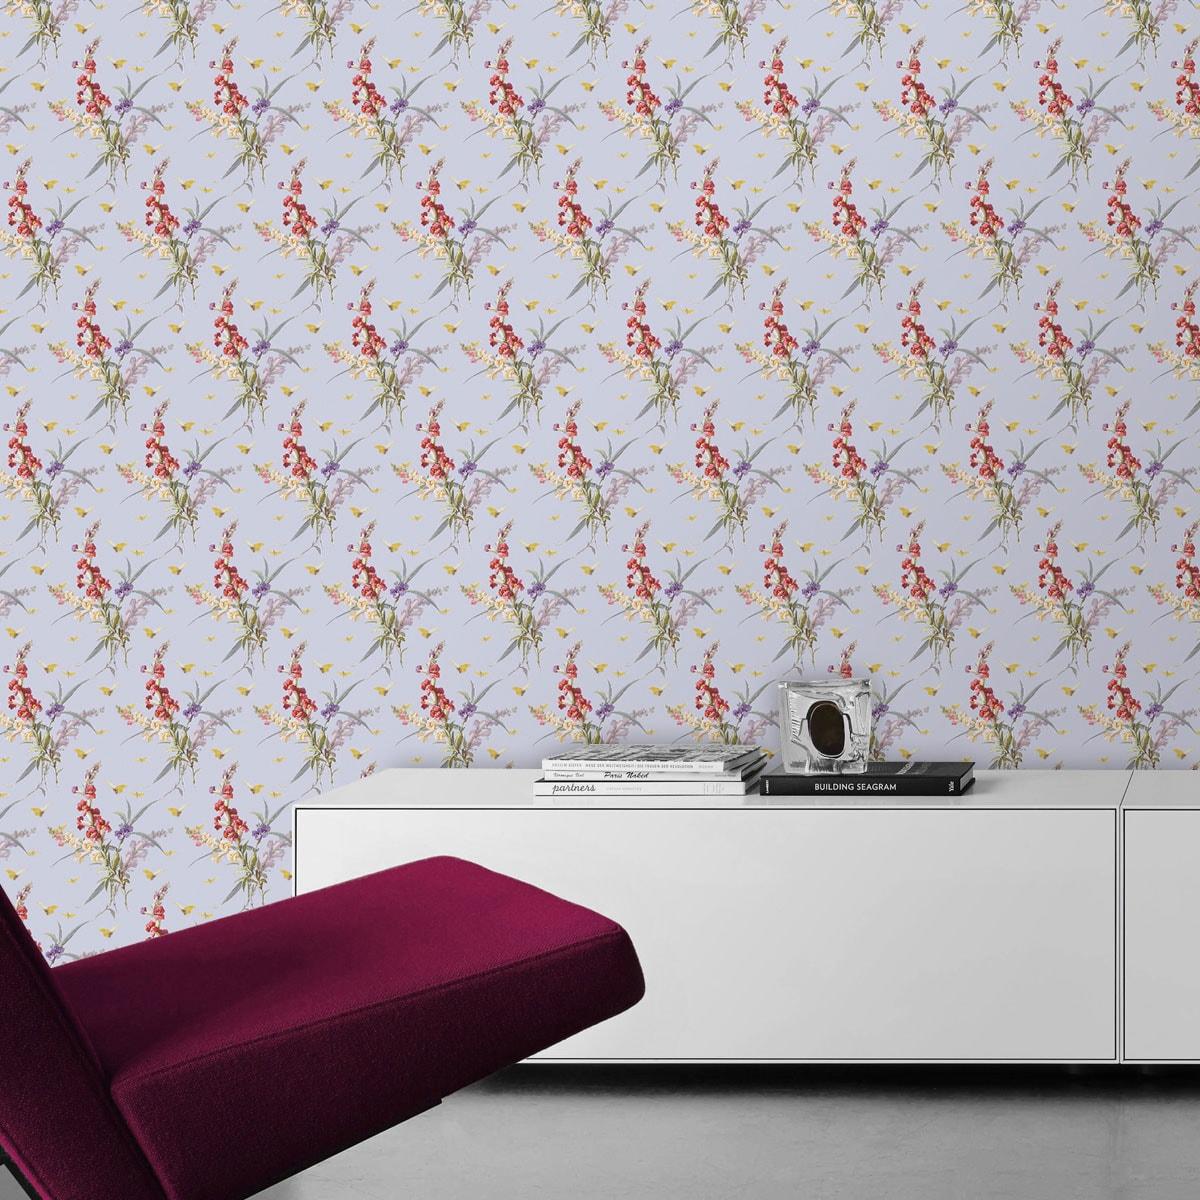 28 tapeten und tapetenborten gr flich m nster 39 sche. Black Bedroom Furniture Sets. Home Design Ideas